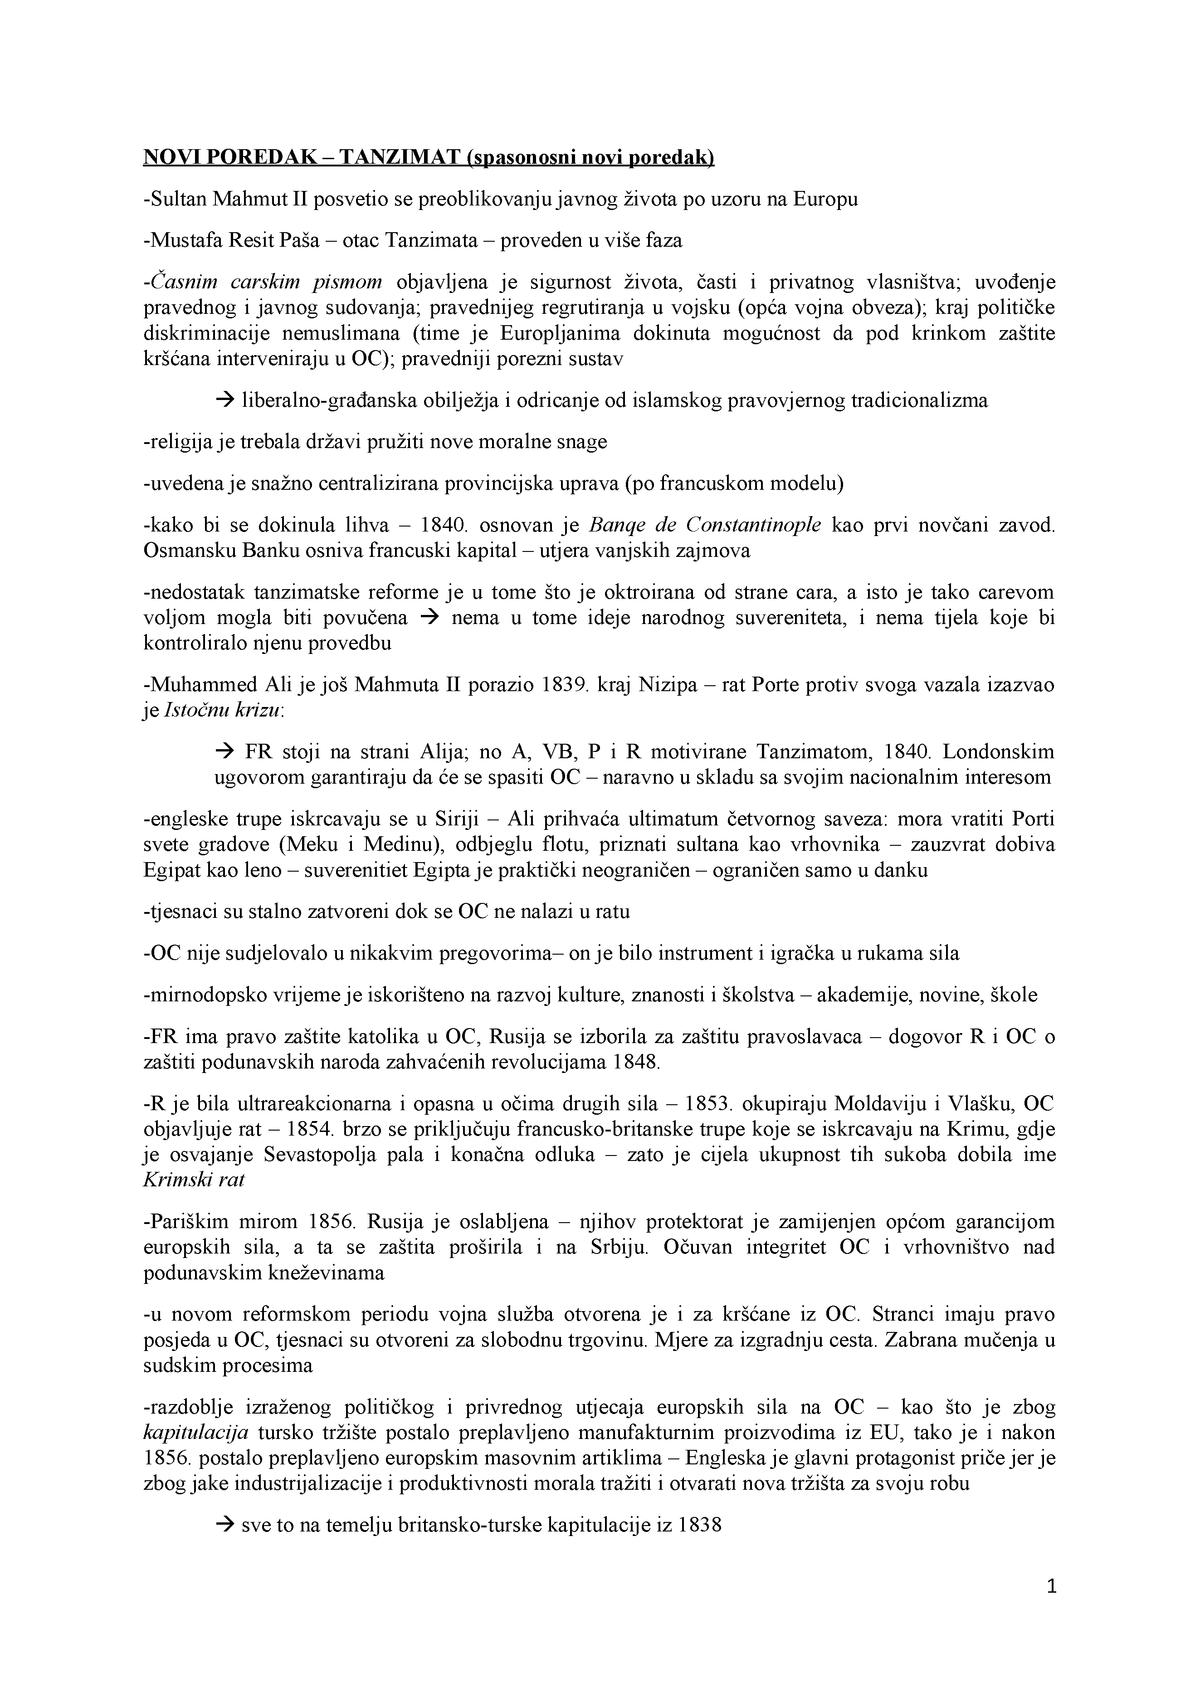 Faze odnosa s kršćanima